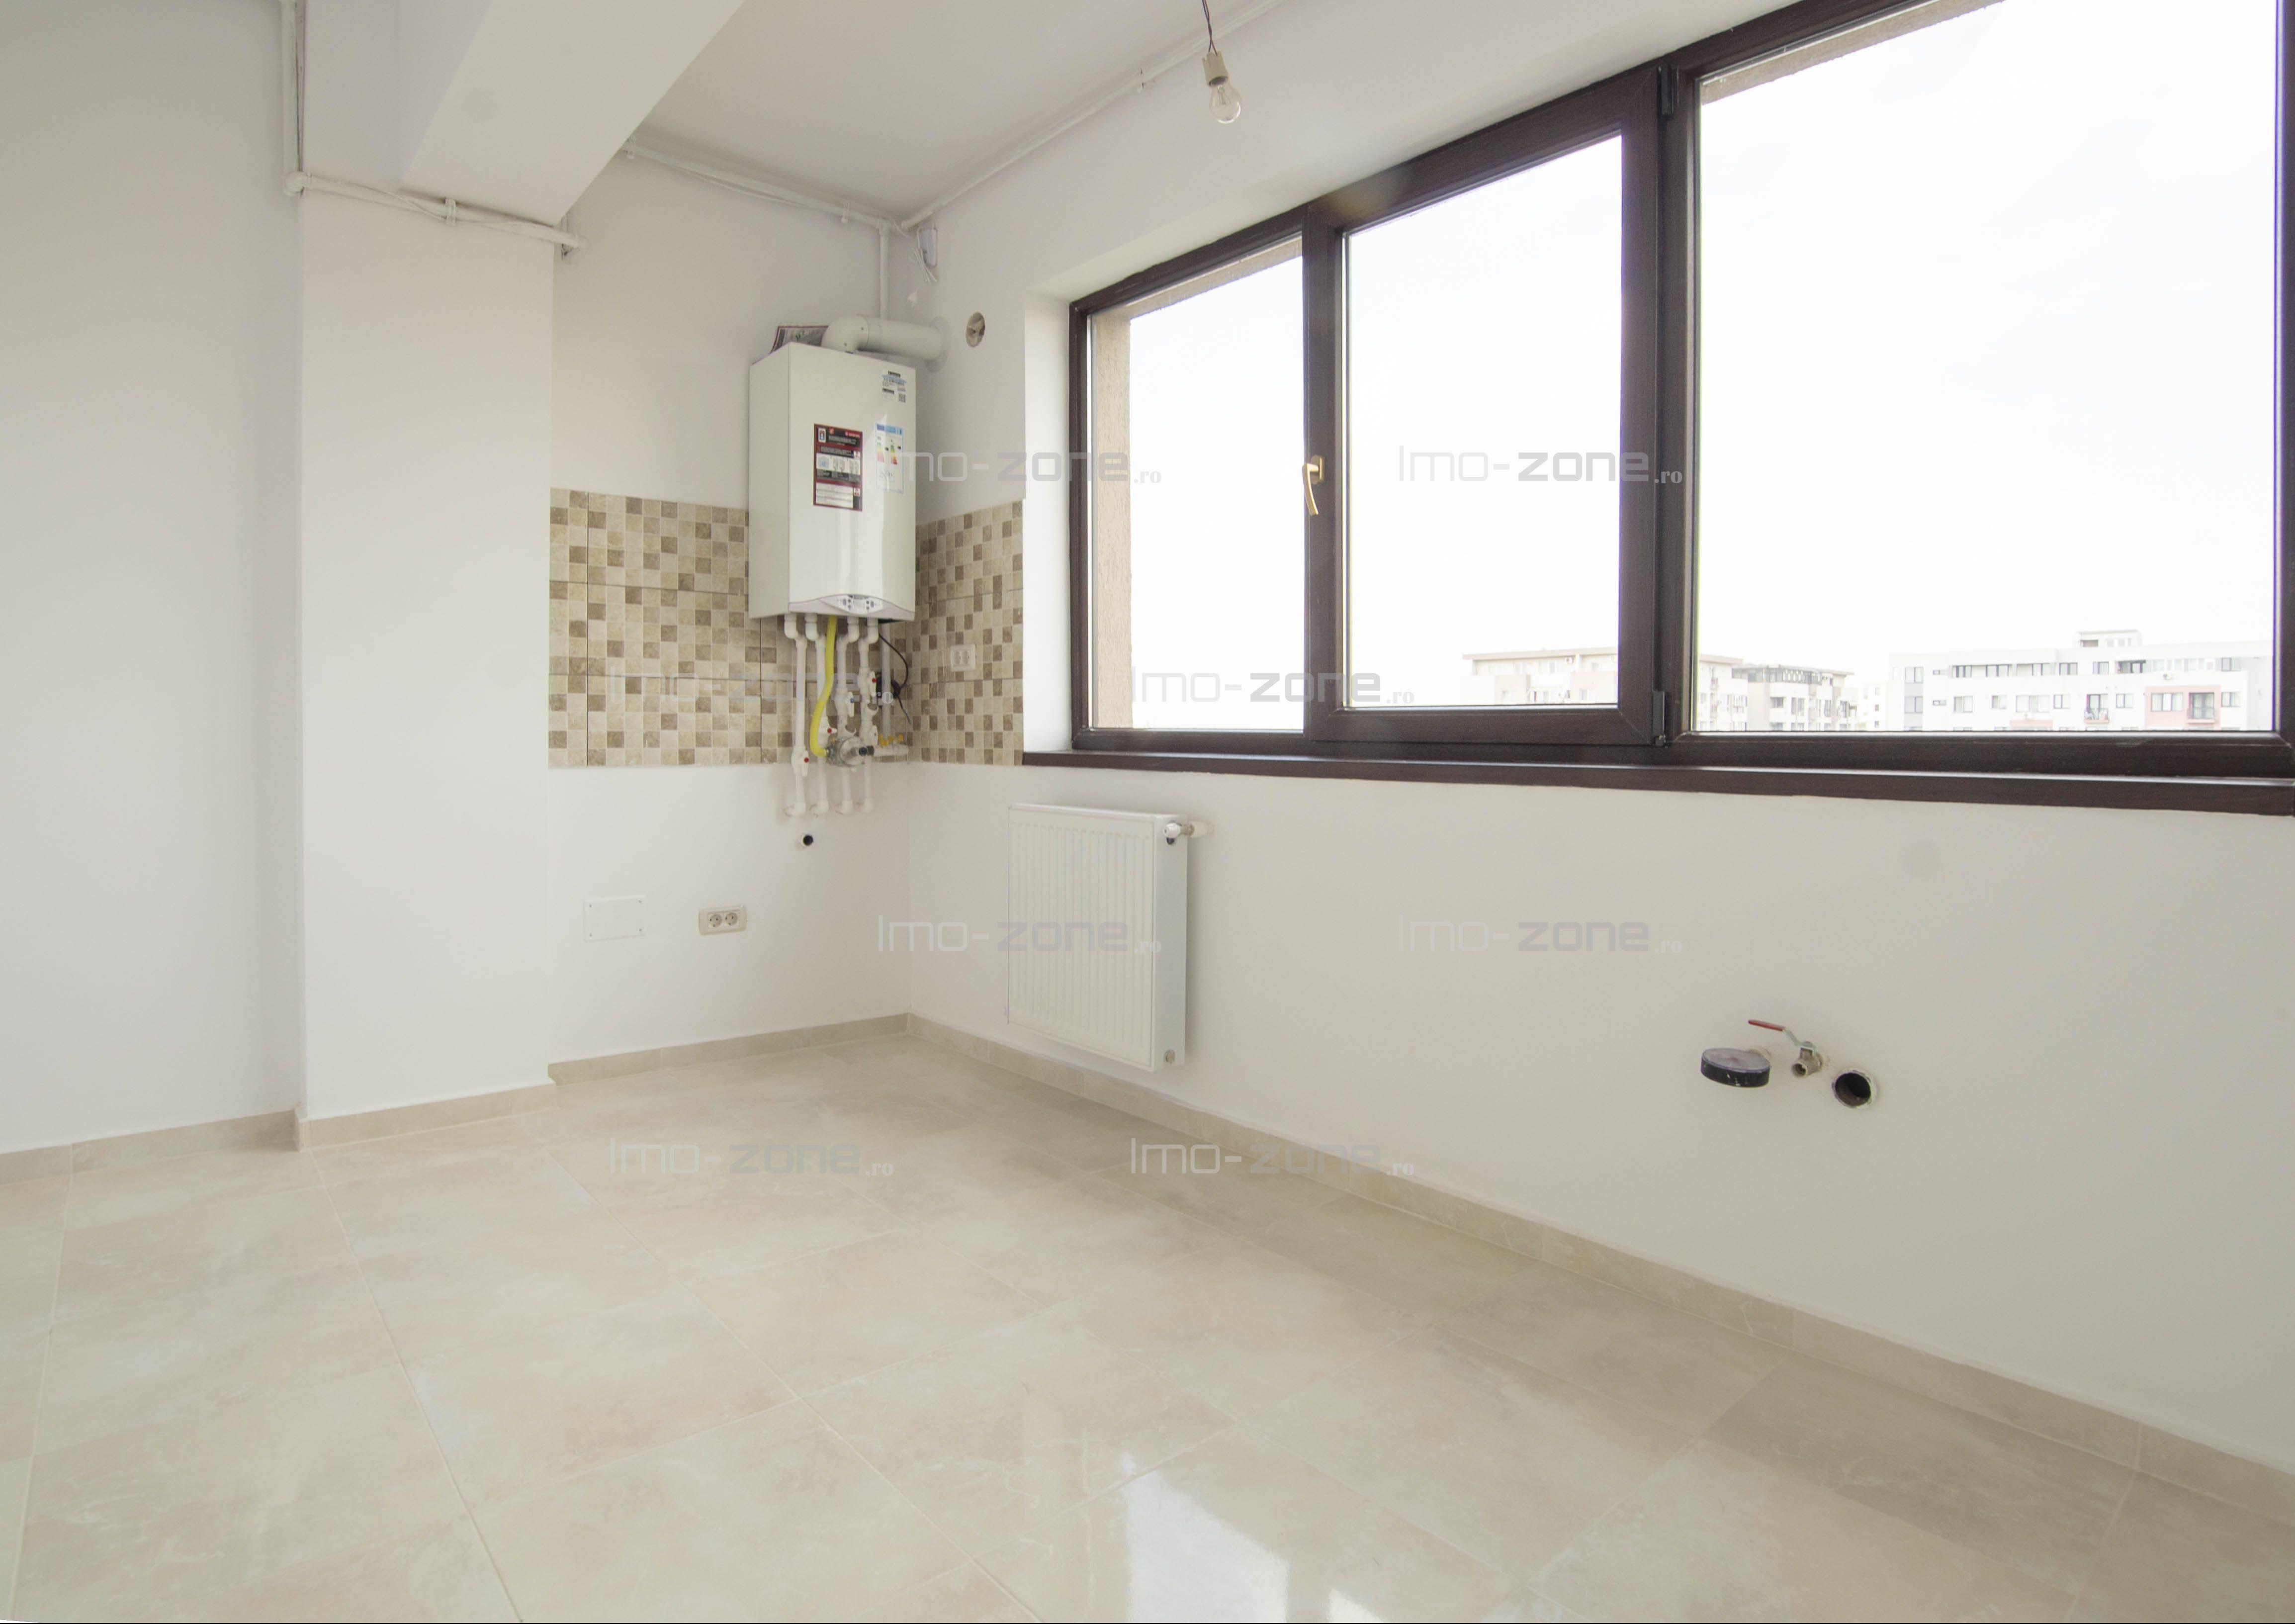 Apartament 2 camere, decomandat, 63mp, Drumul Taberei, sector 5,  bloc finalizat